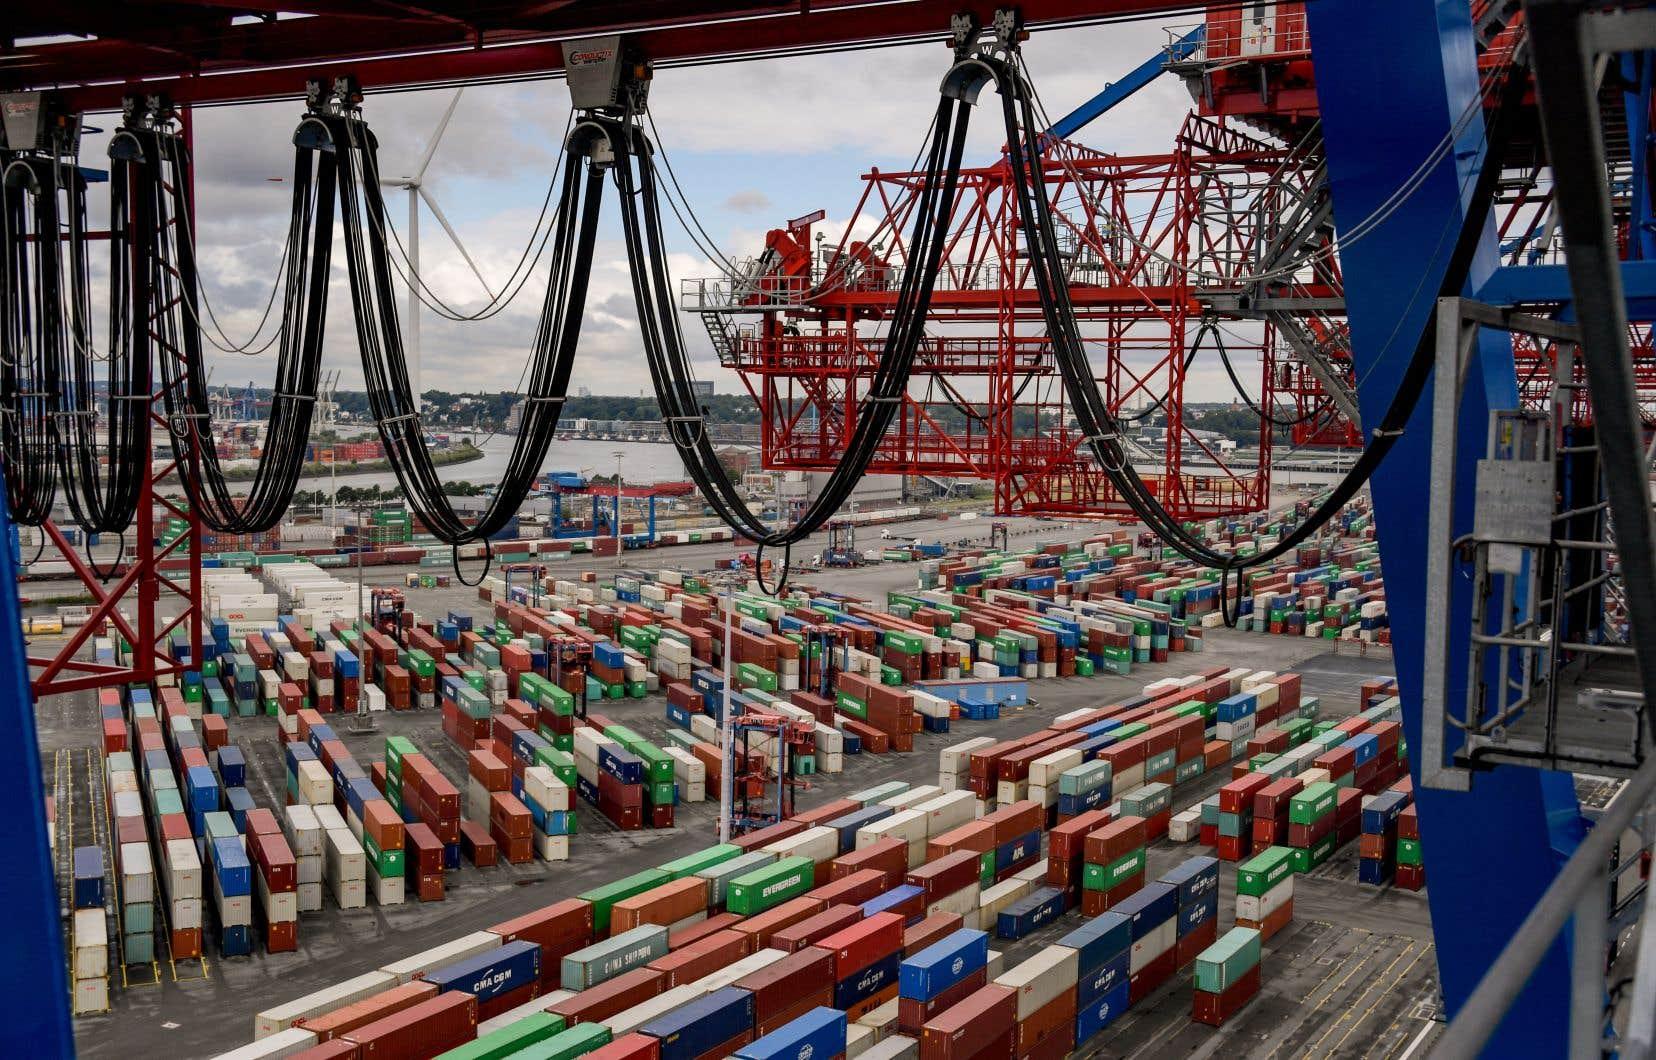 Les problèmes d'approvisionnement, provoqués par un surcroît de demandes de transport logistique avec la reprise post-pandémie combiné à des pénuries de main-d'œuvre, touchent de nombreux pays dans le monde.